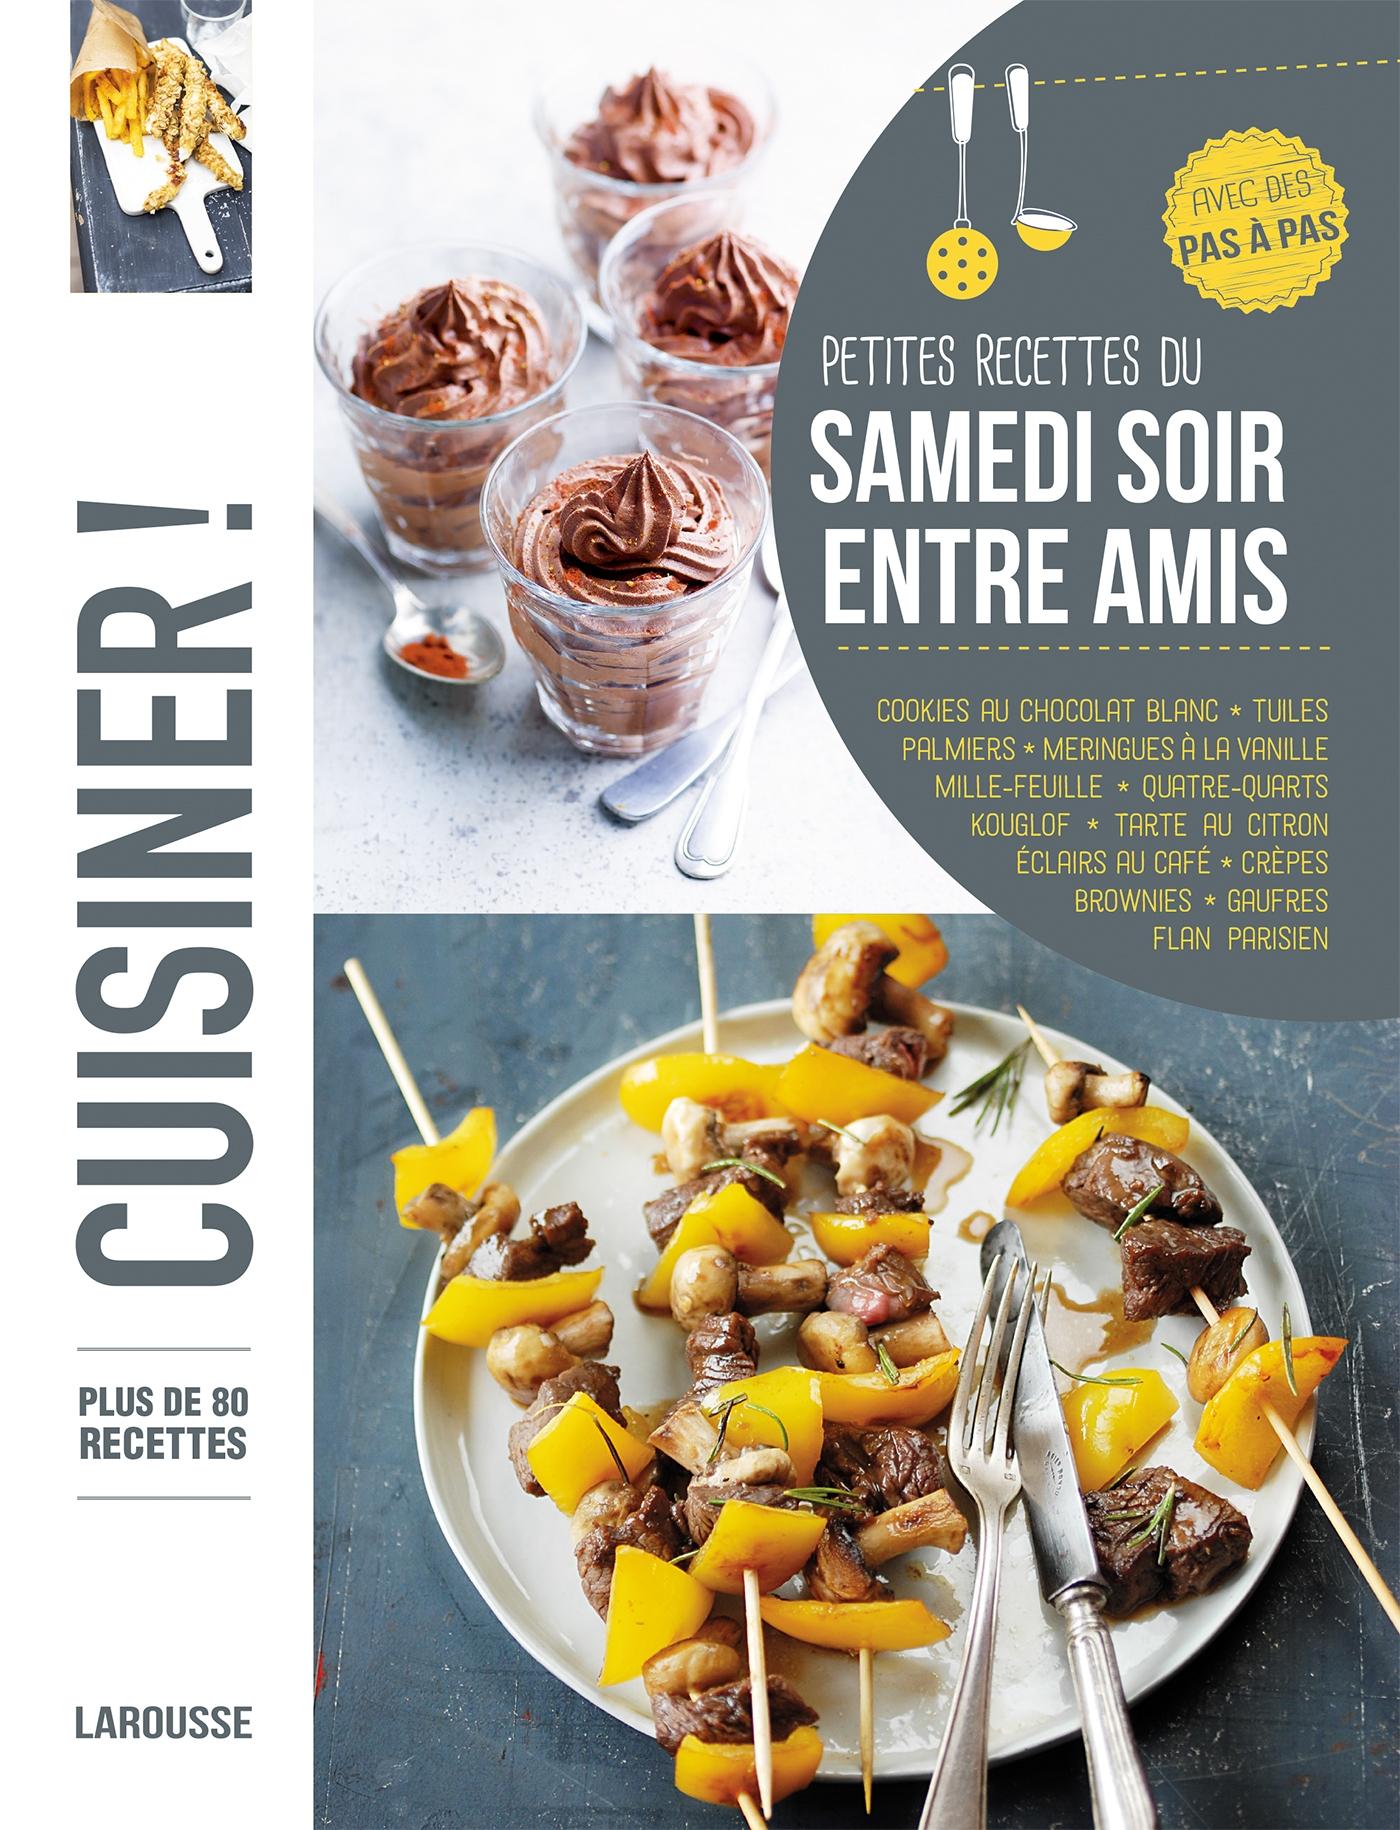 Petites recettes du samedi soir entre amis untitled magazine for Menu du soir entre amis